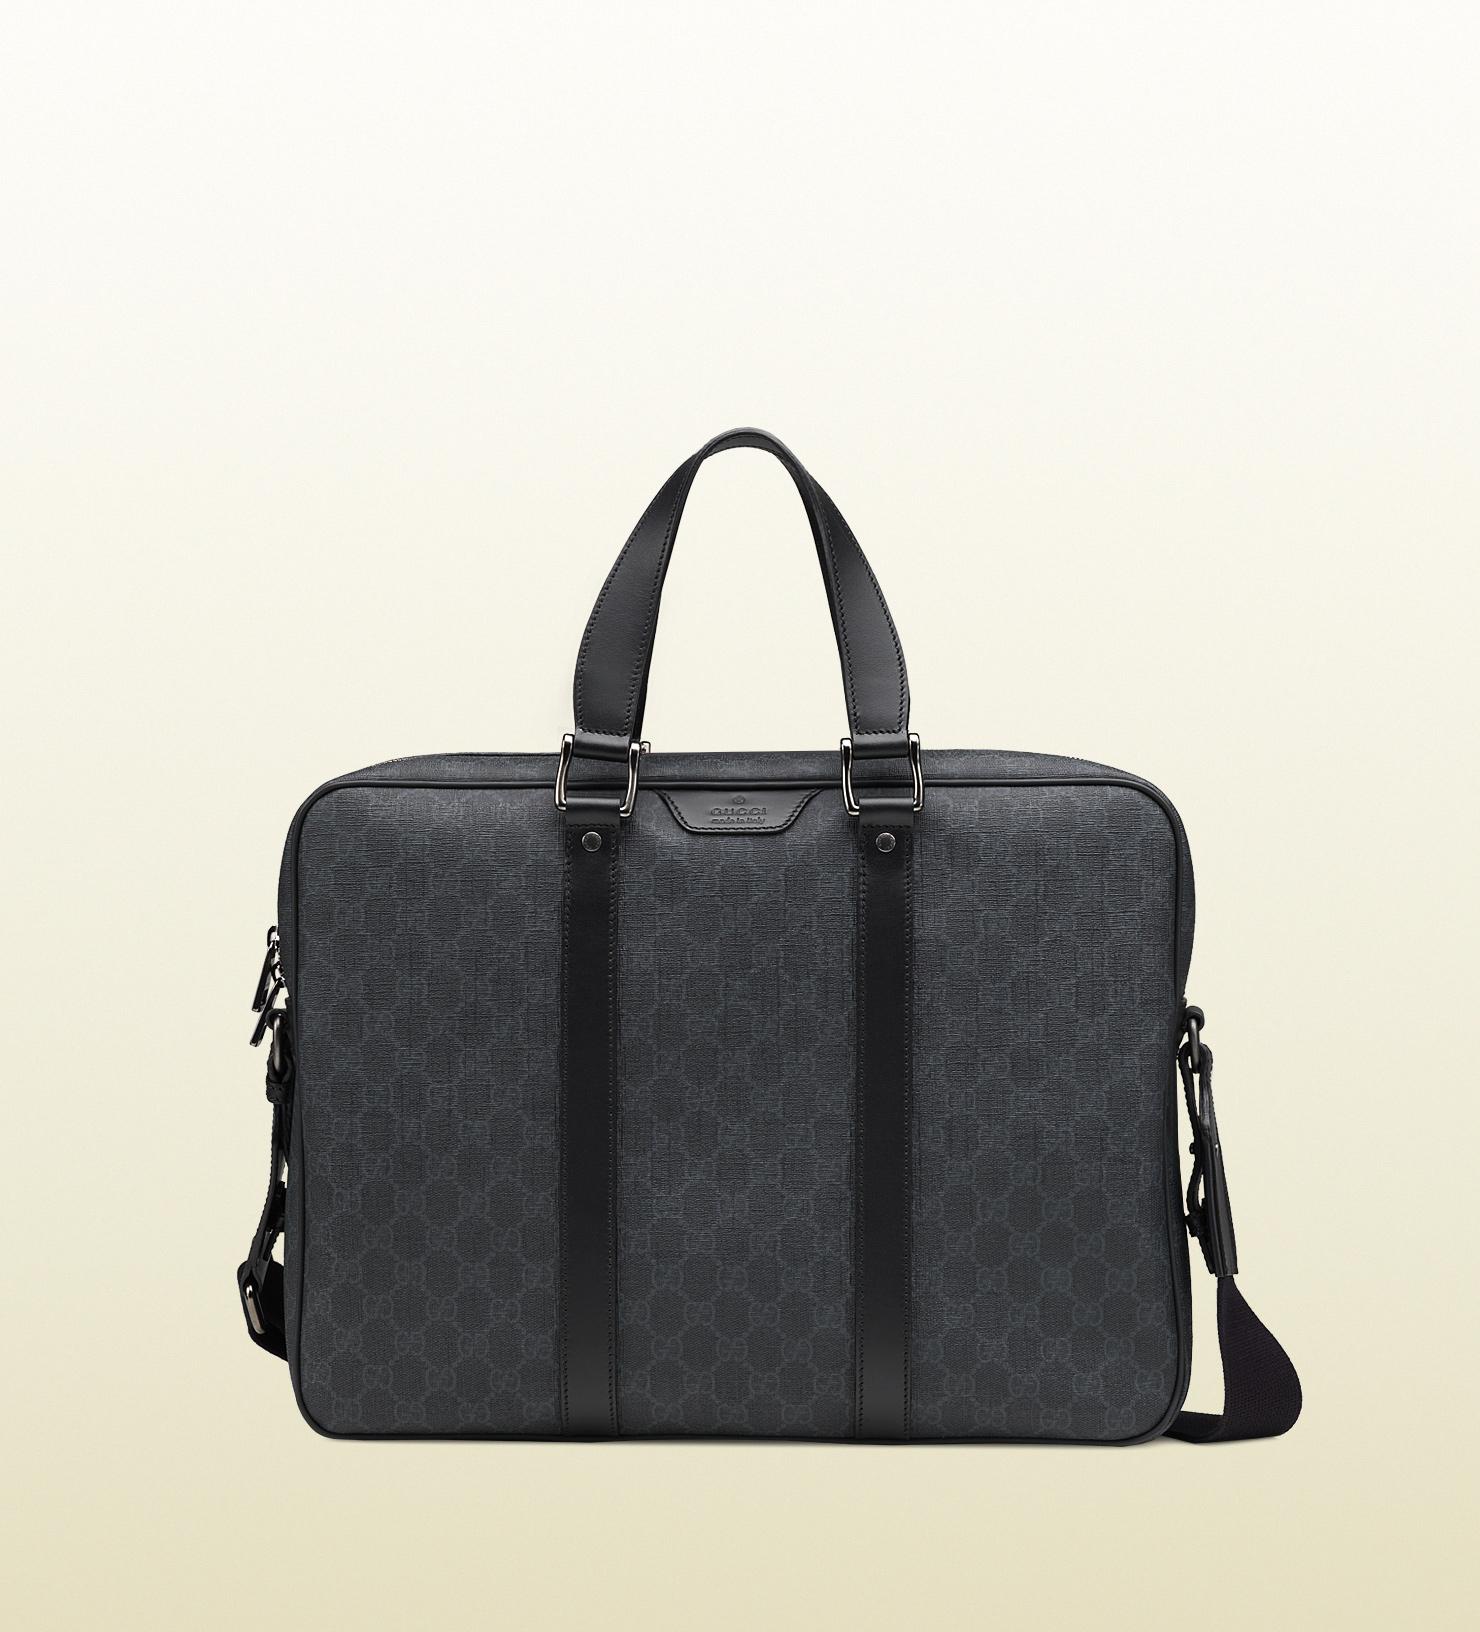 8edf3e71d0828d Gucci Gg Supreme Canvas Briefcase in Gray for Men - Lyst